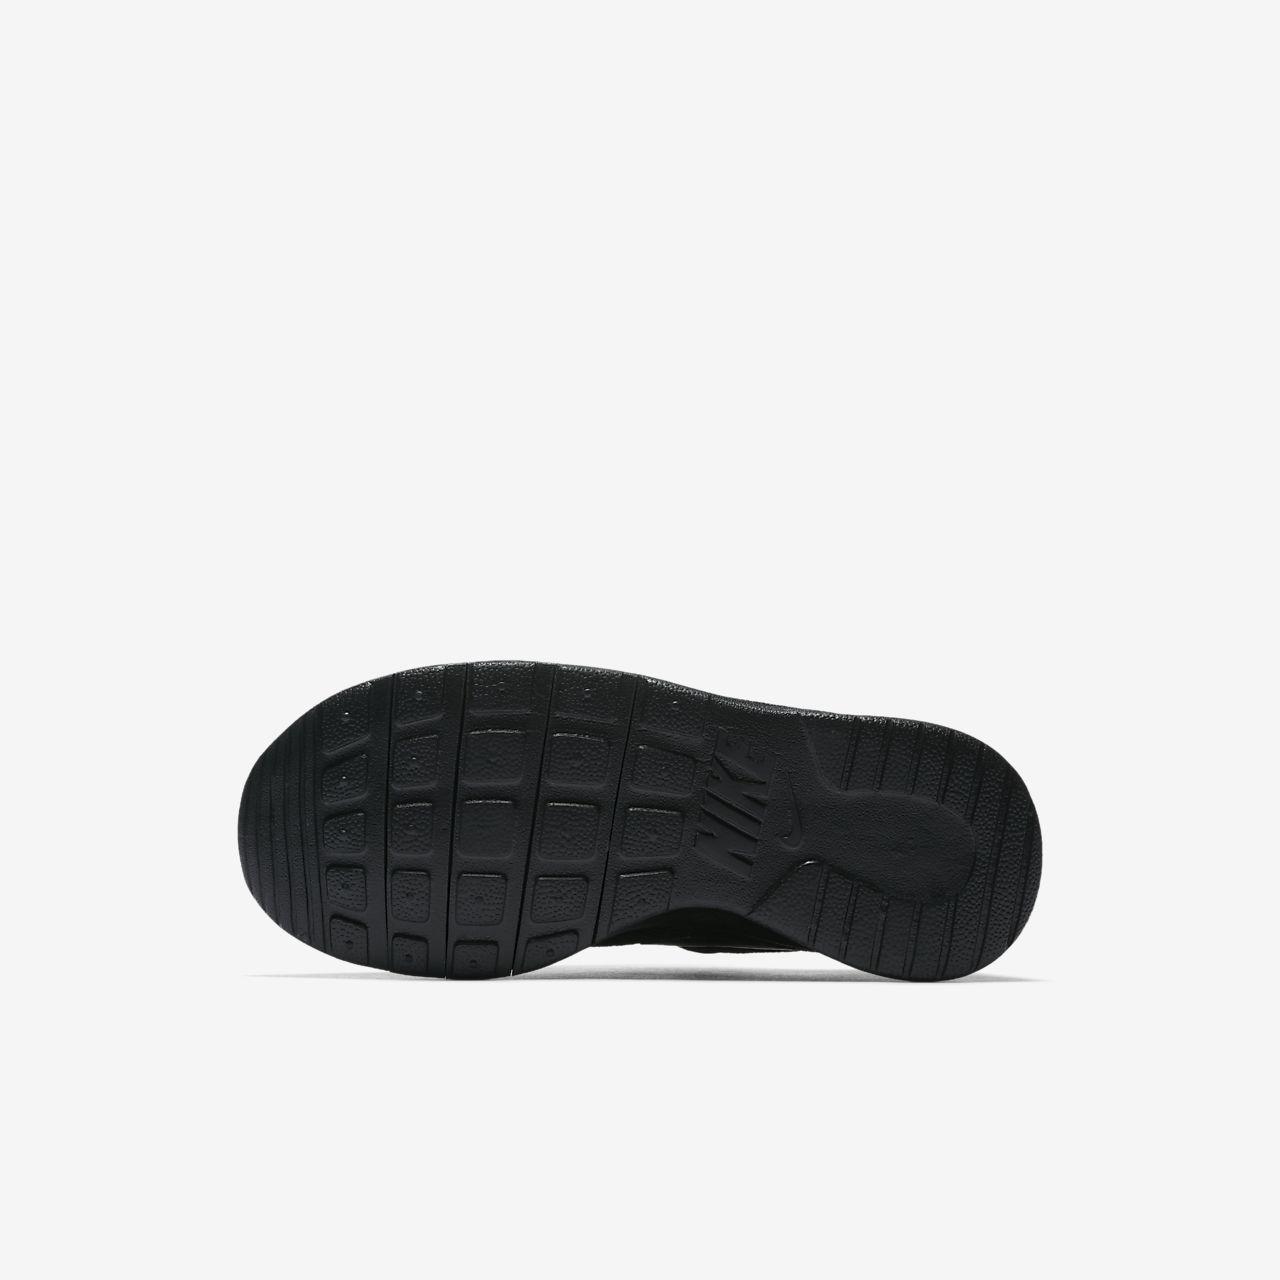 scarpe nike tanjun bambino